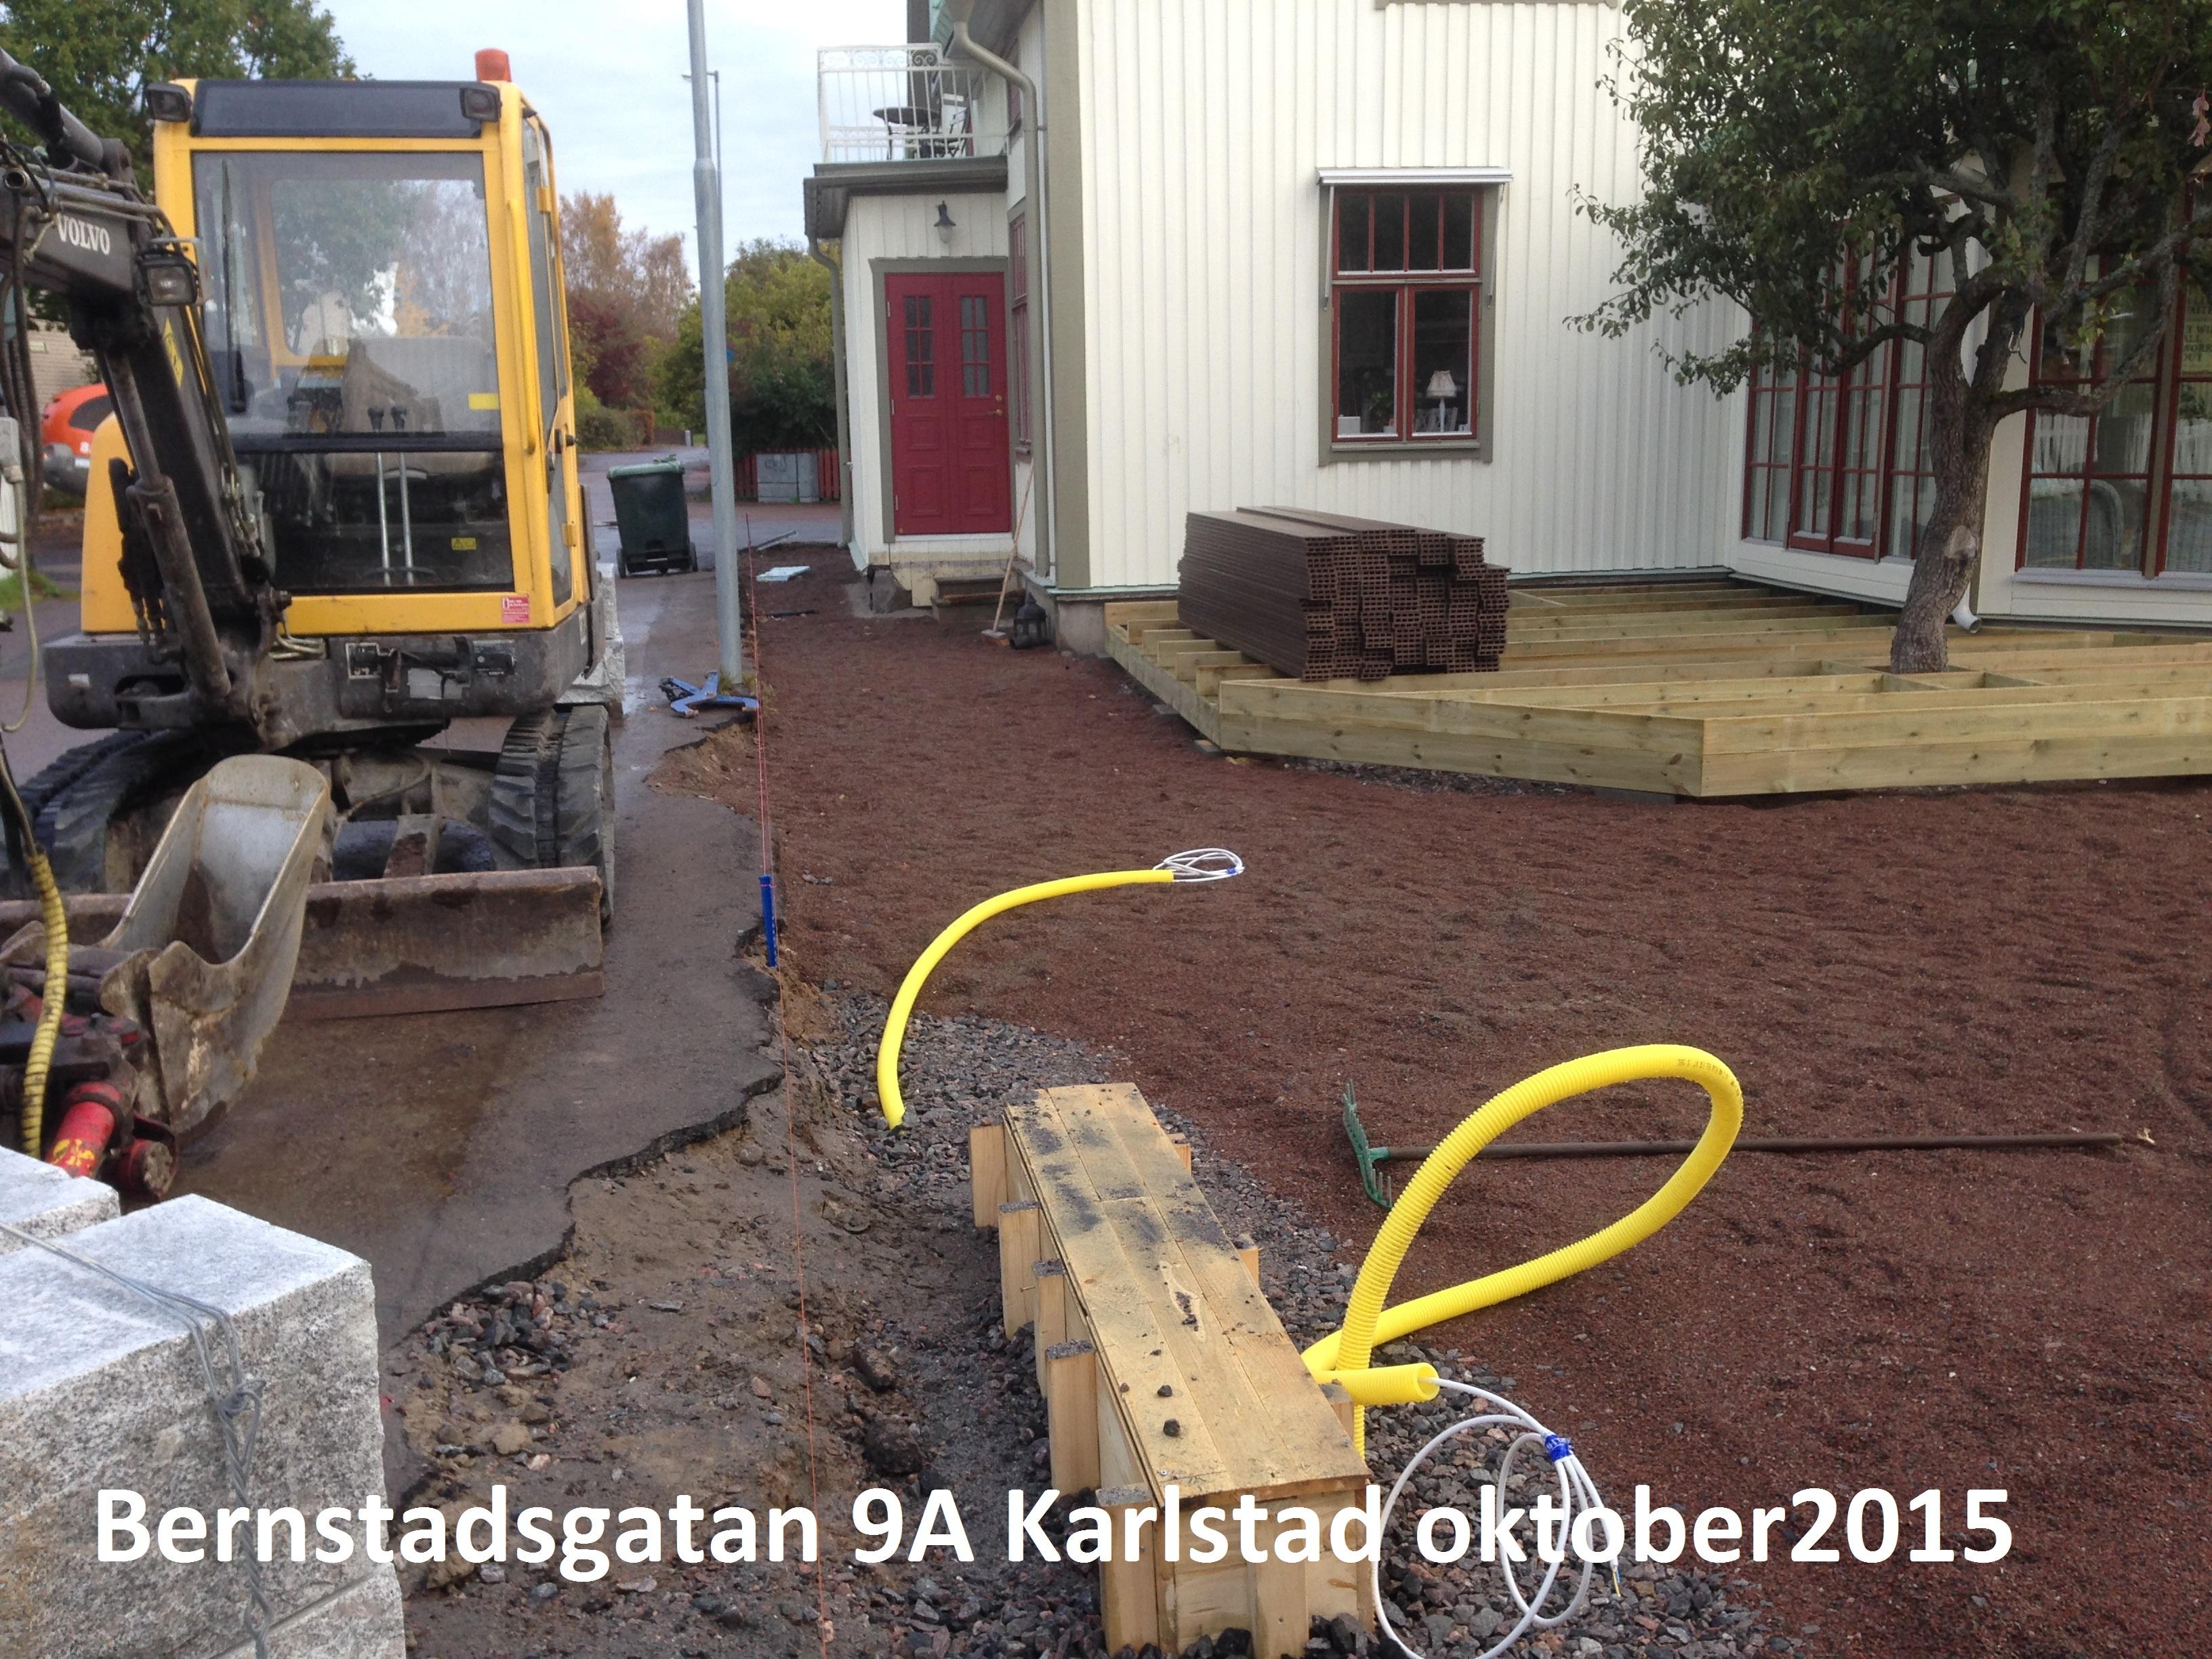 Bernstadsgatan 9A karlstad oktober2015 (14)